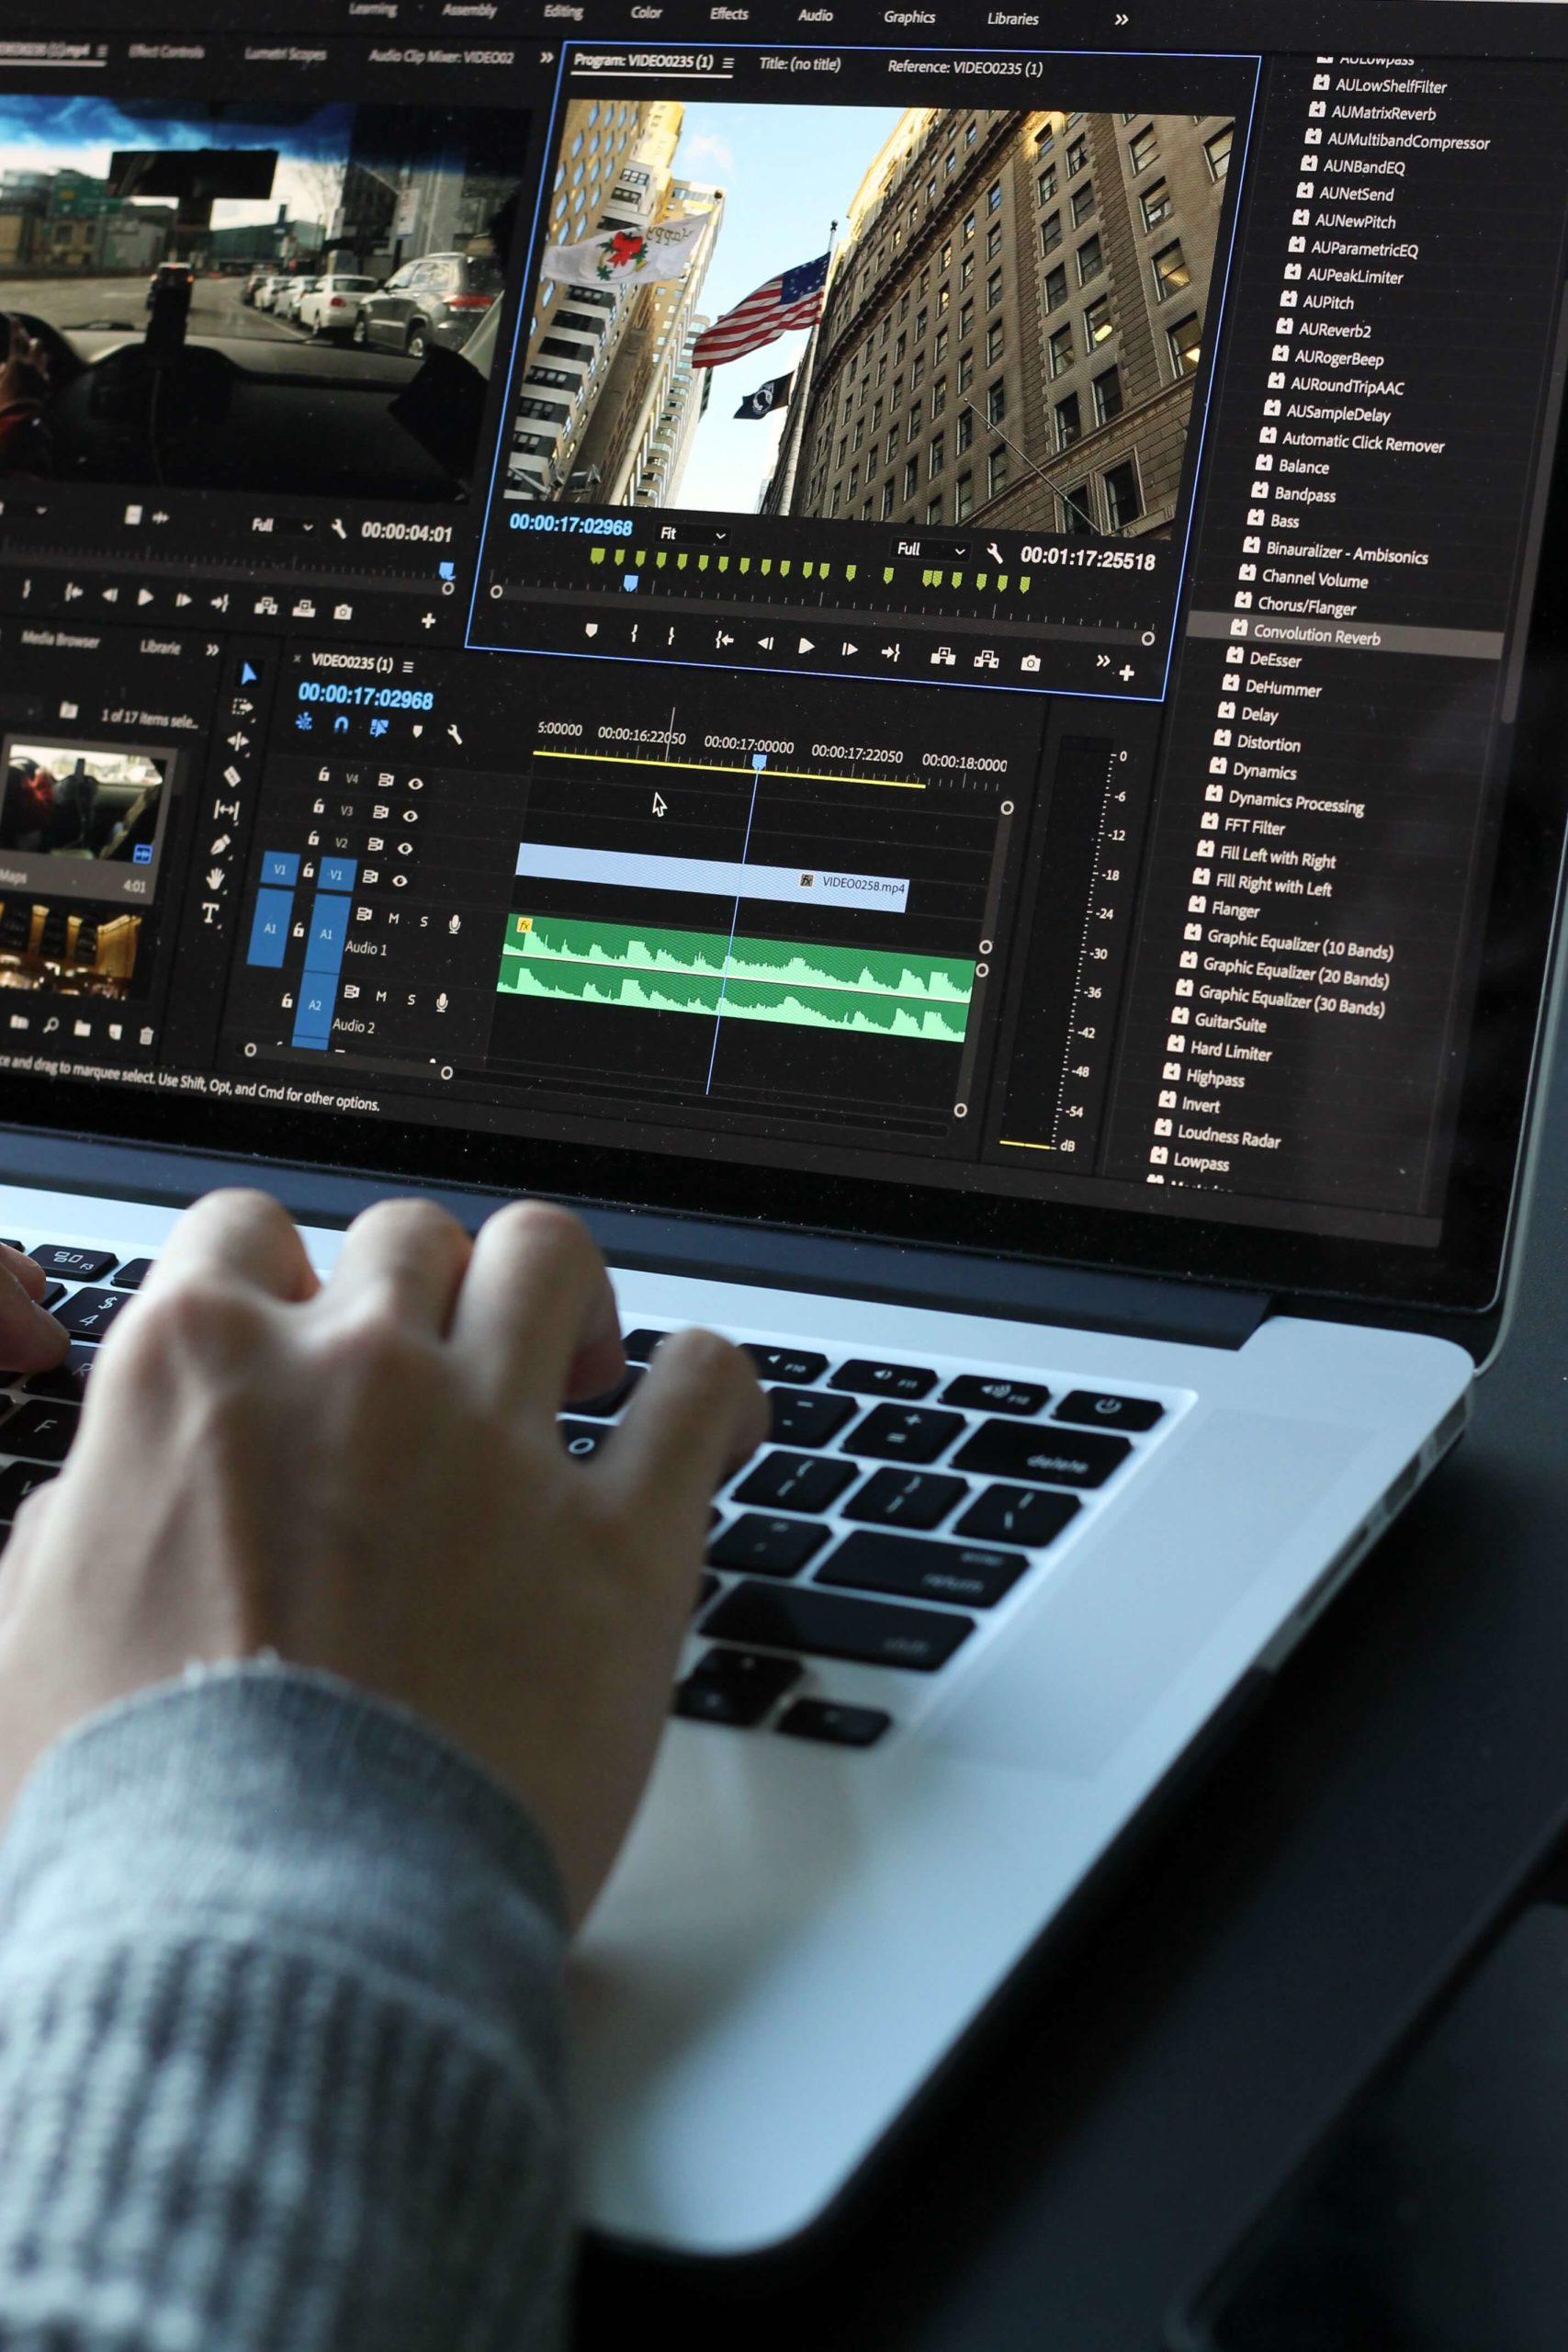 動画編集に必要なものについて【 超初心者向け 】趣味とビジネスで分けて考えよう